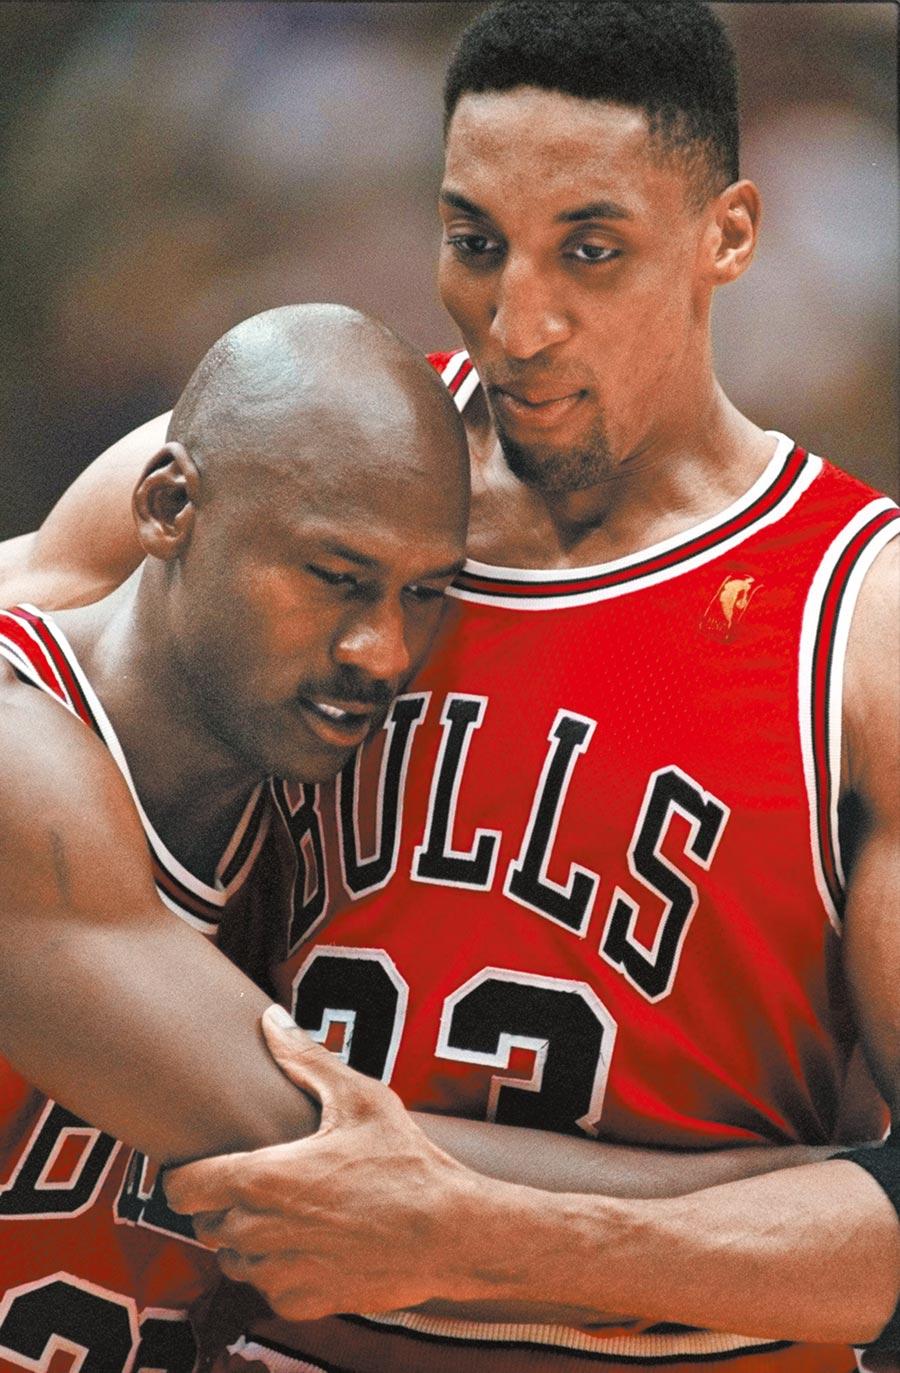 1997年NBA總冠軍戰G5,抱病上陣的喬丹(左)砍進致勝三分球後,無力的攤在皮朋懷裡,成為經典一幕。如今喬丹在《最後一舞》紀錄片中爆料當年並非罹患流感,而是作客鹽湖城叫外送披薩被下毒。(美聯社資料照片)